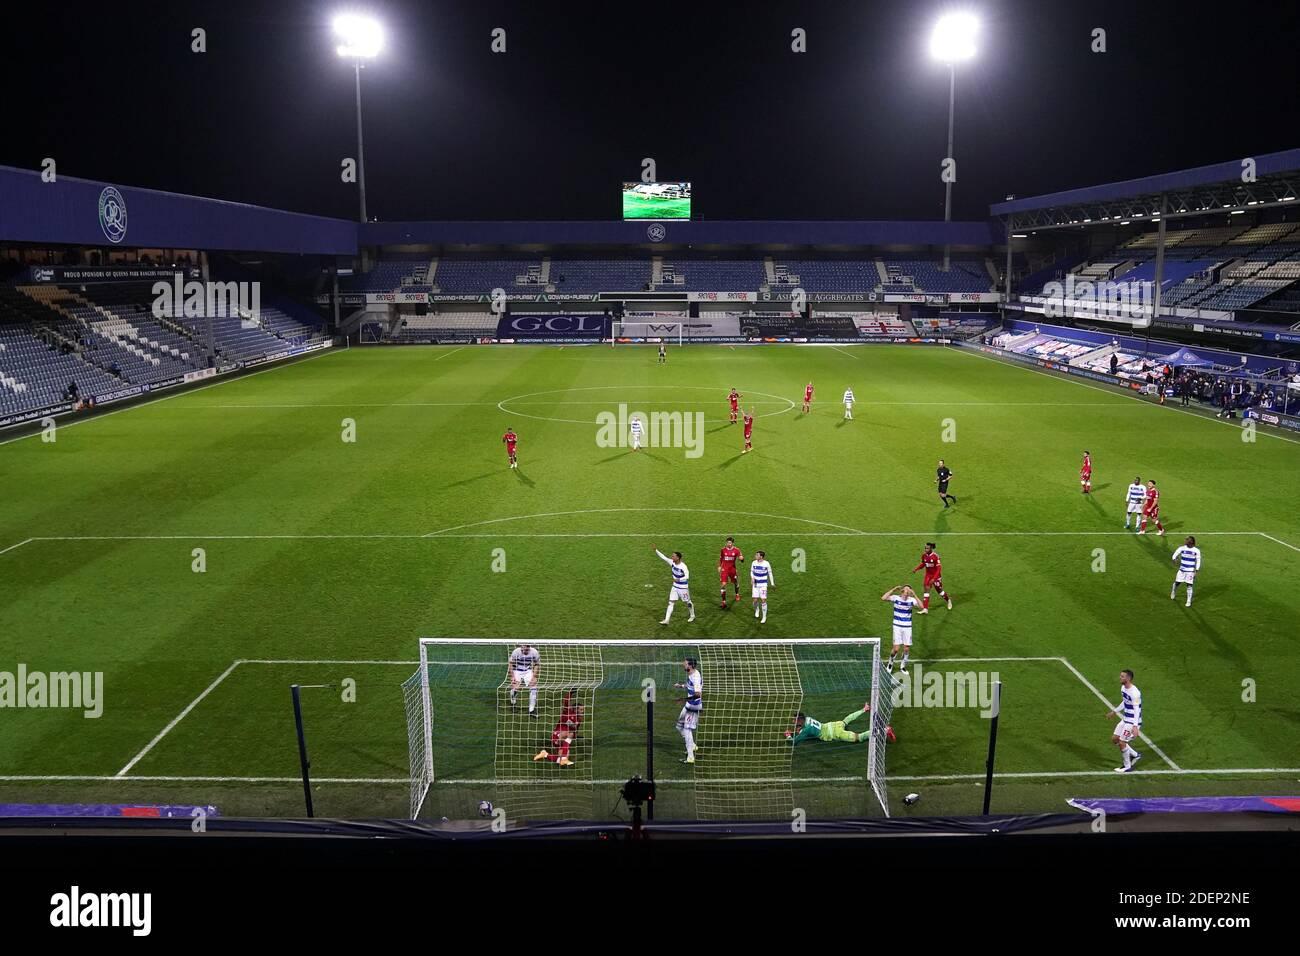 Nahki Wells de Bristol City anota el primer gol de su lado durante el partido del Sky Bet Championship en el Kiyan Prince Foundation Stadium, Londres. Foto de stock